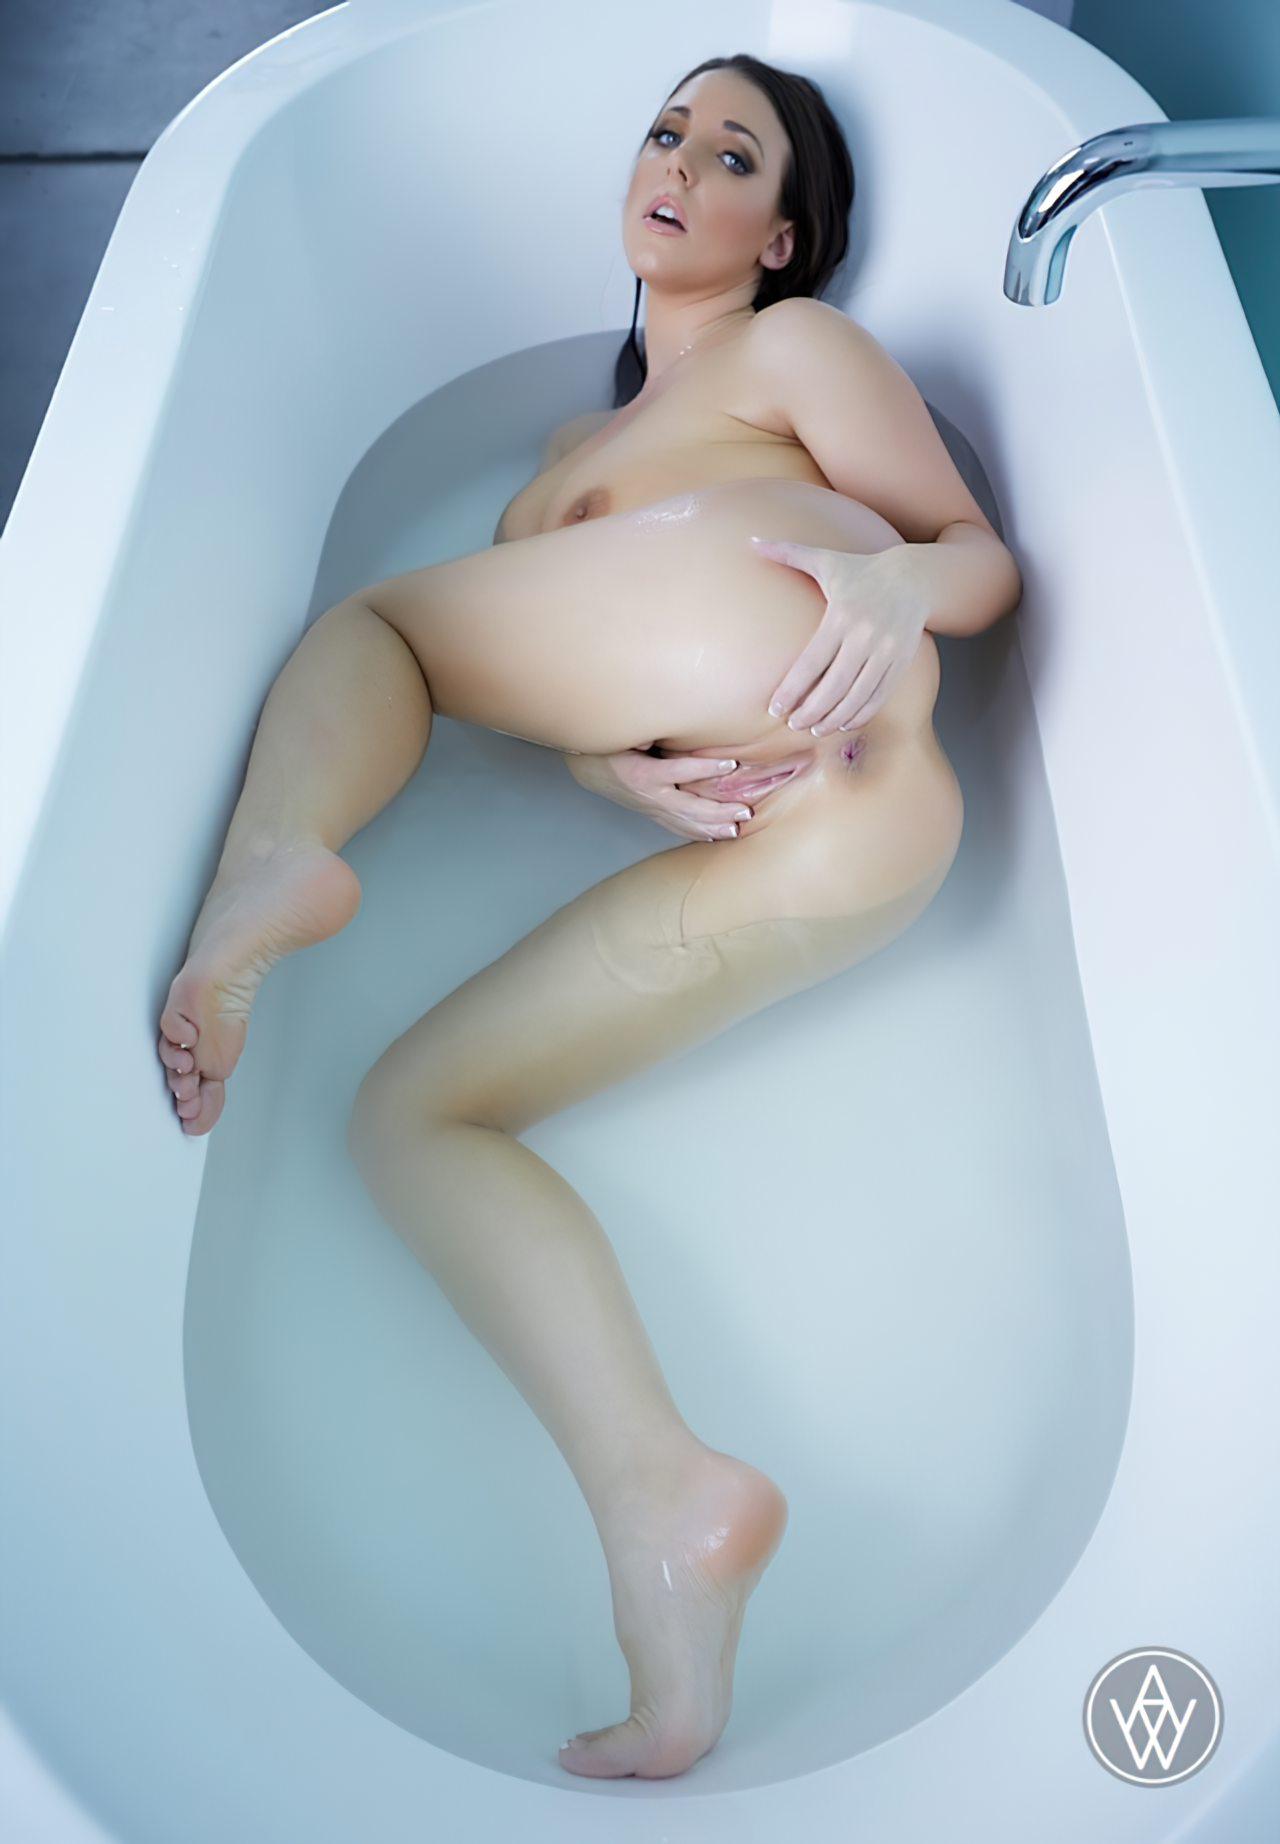 Fotos Mulheres Peladas (48)